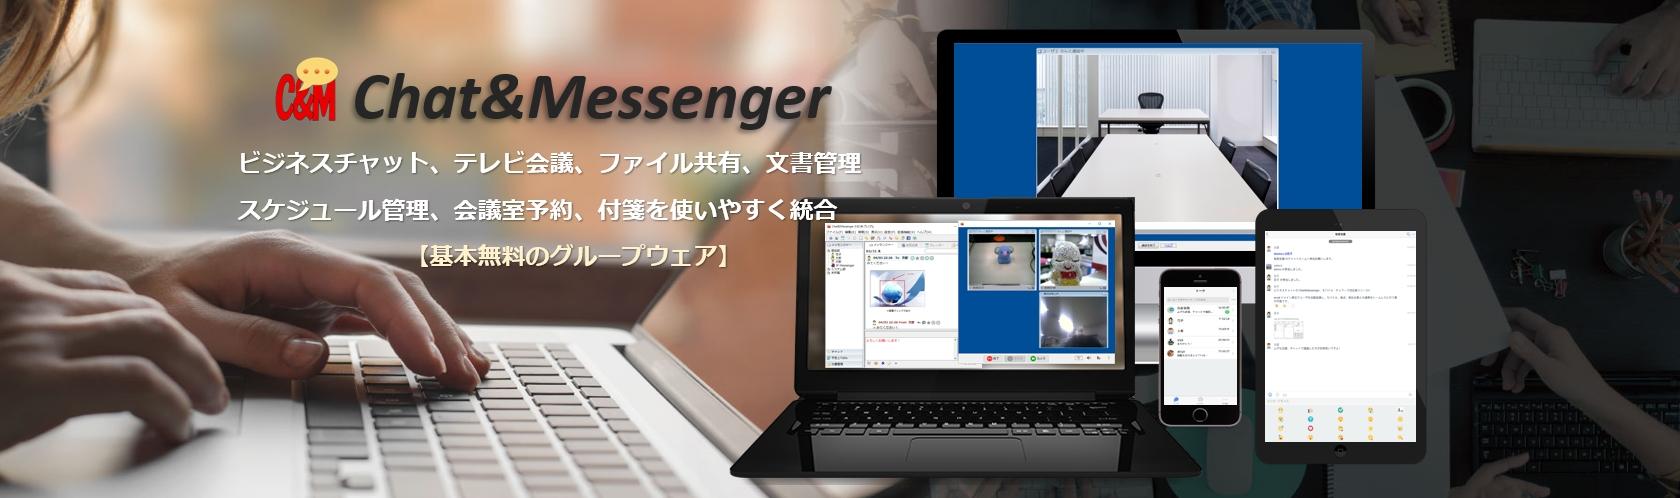 ビジネスチャット、テレビ会議、ファイル共有、スケジュール管理を統合したグループウェア。IP Messenger 互換で、基本機能は無料で利用できます!